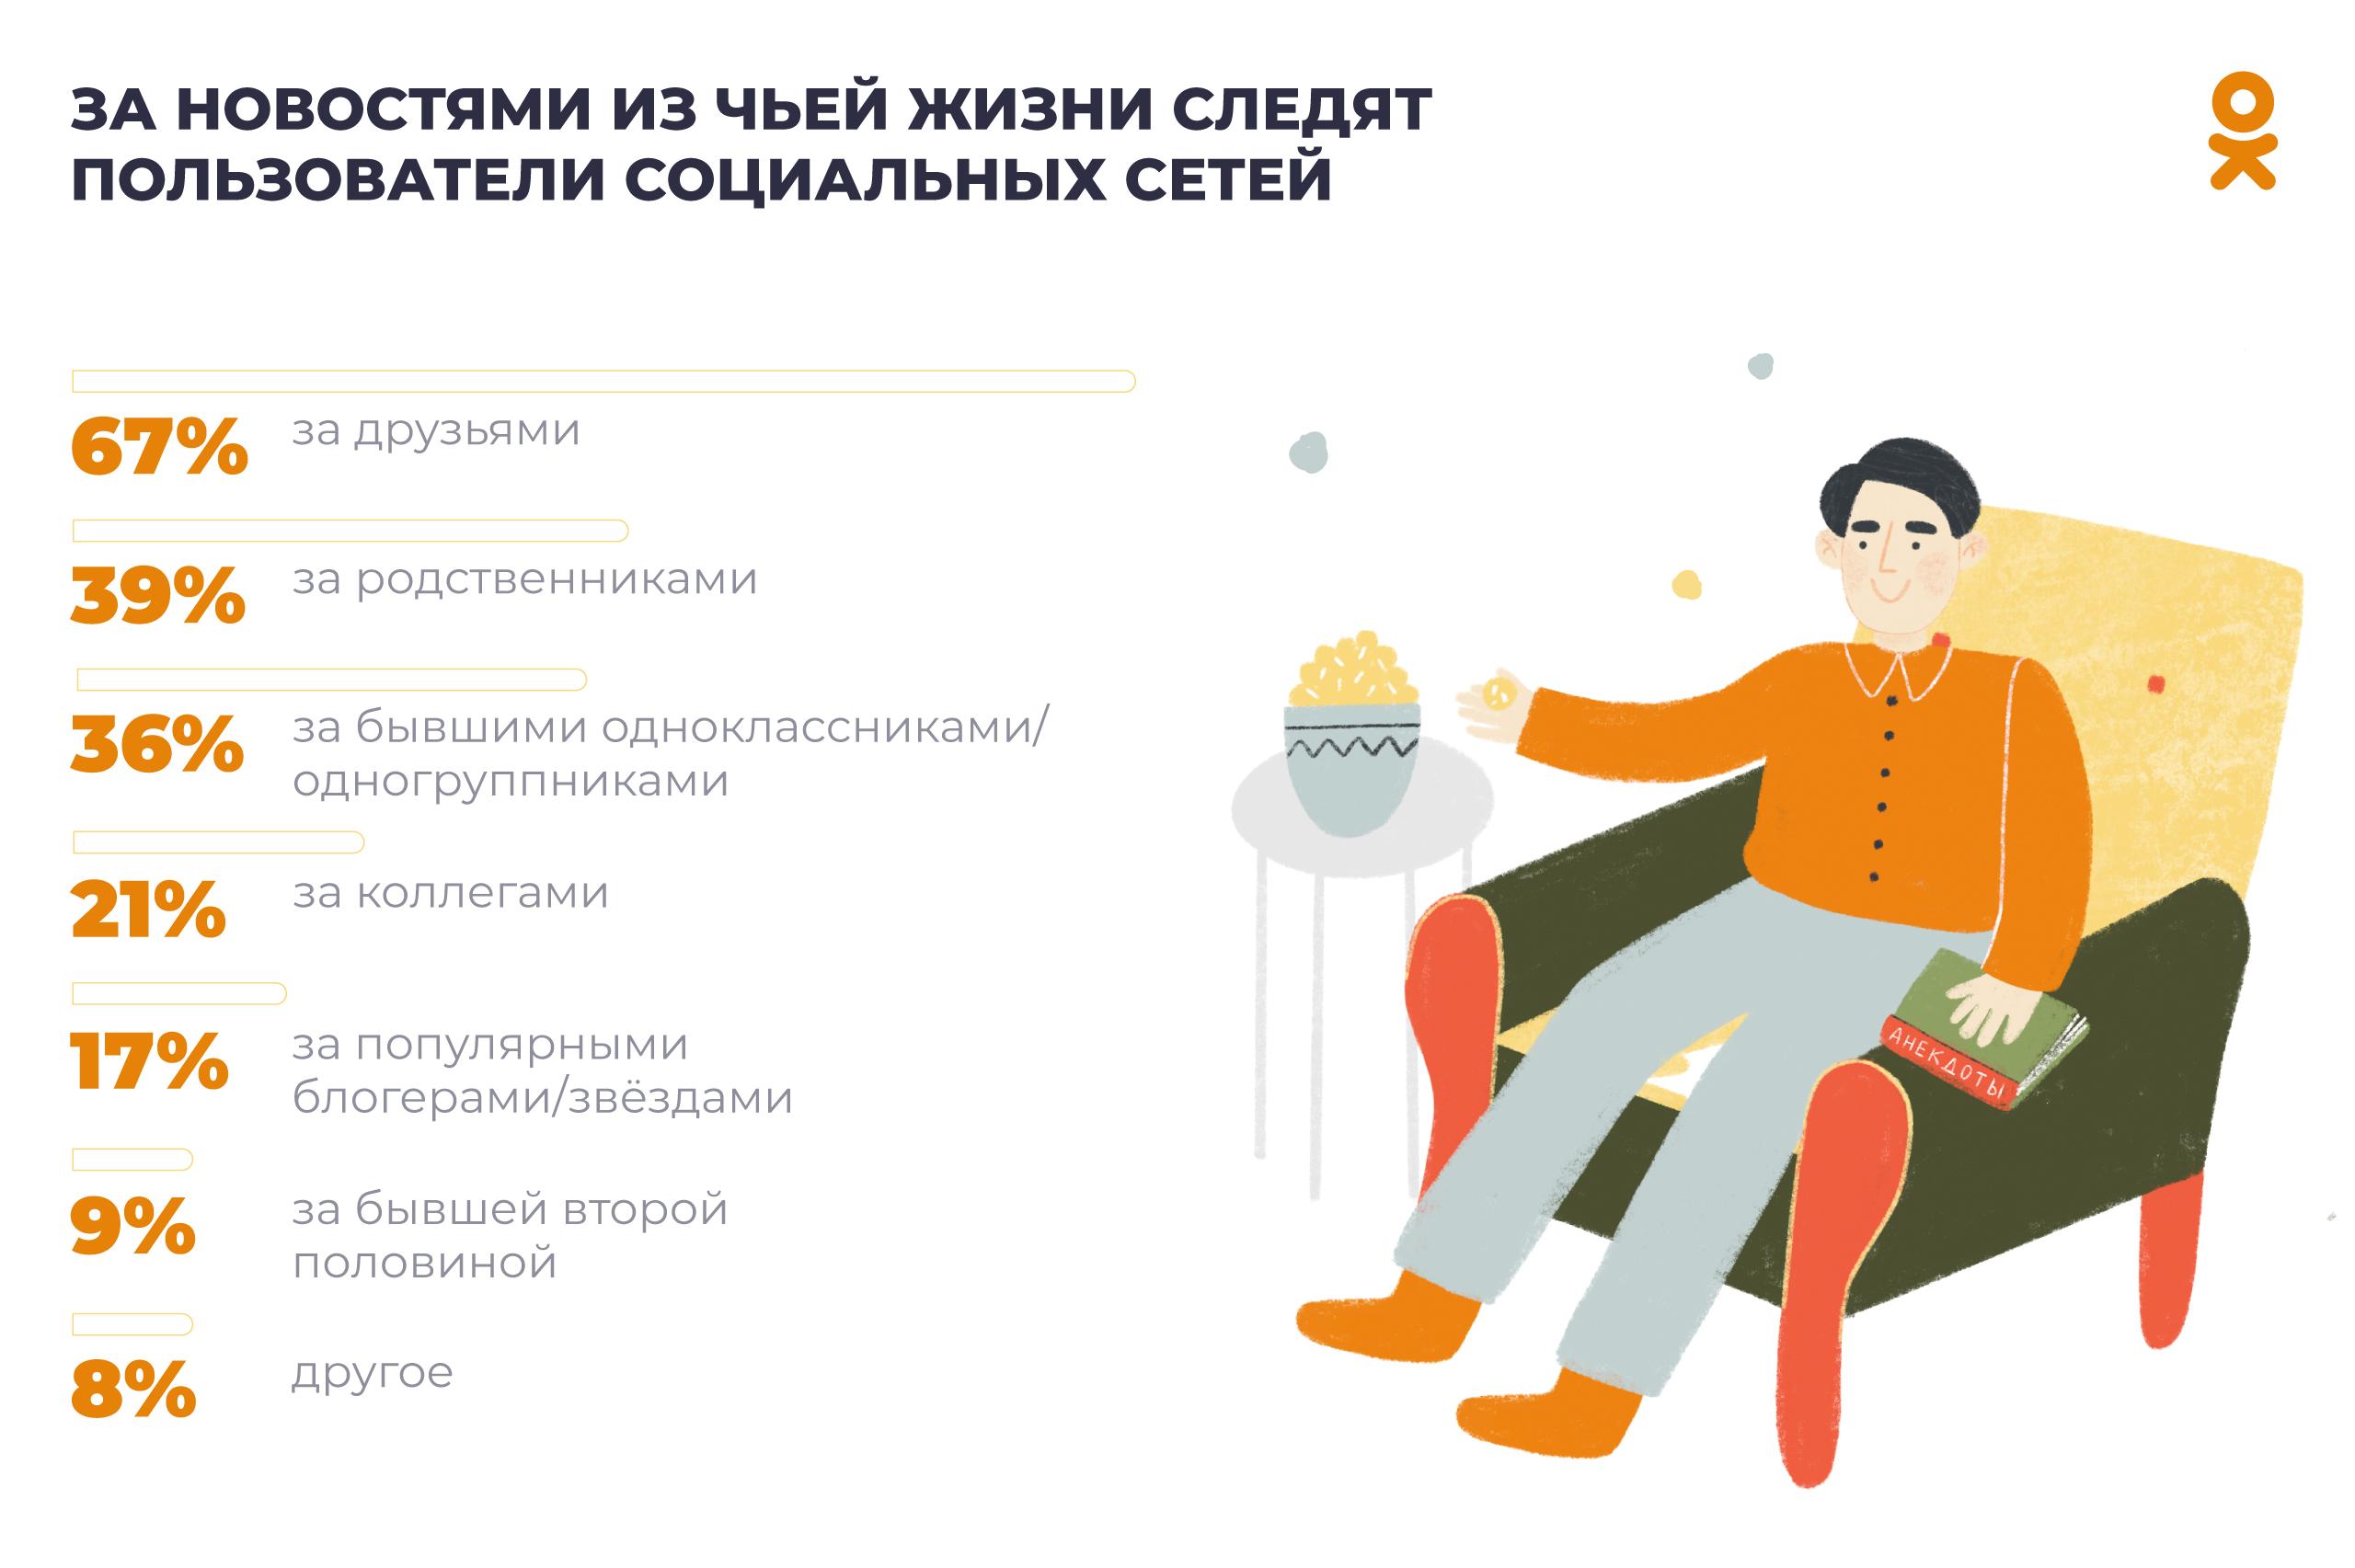 Одноклассники составили портрет своих «пятнадцатилетних» пользователей